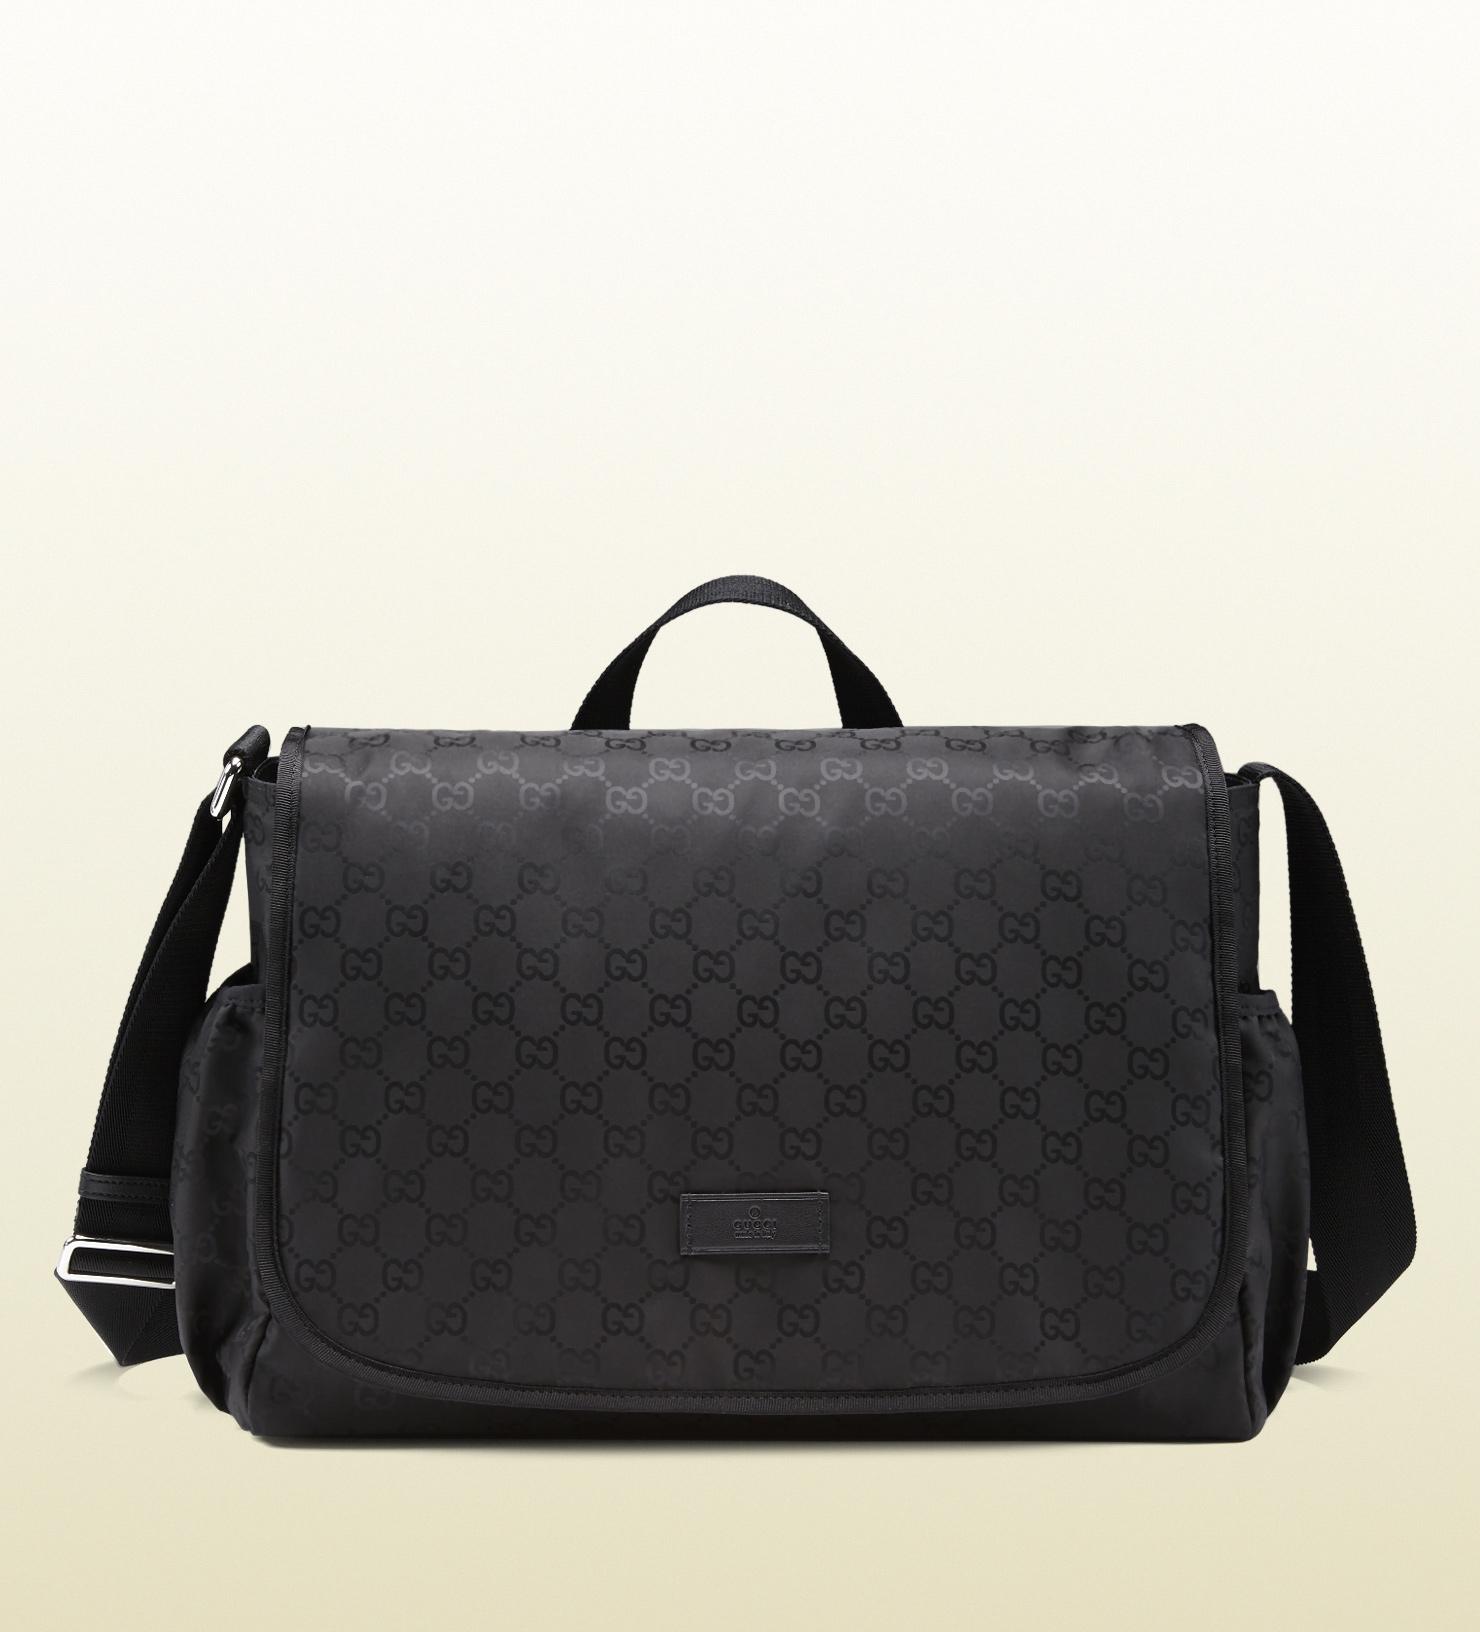 4287156146f99f All Black Gucci Diaper Bag - Bag Photos and Wallpaper HD